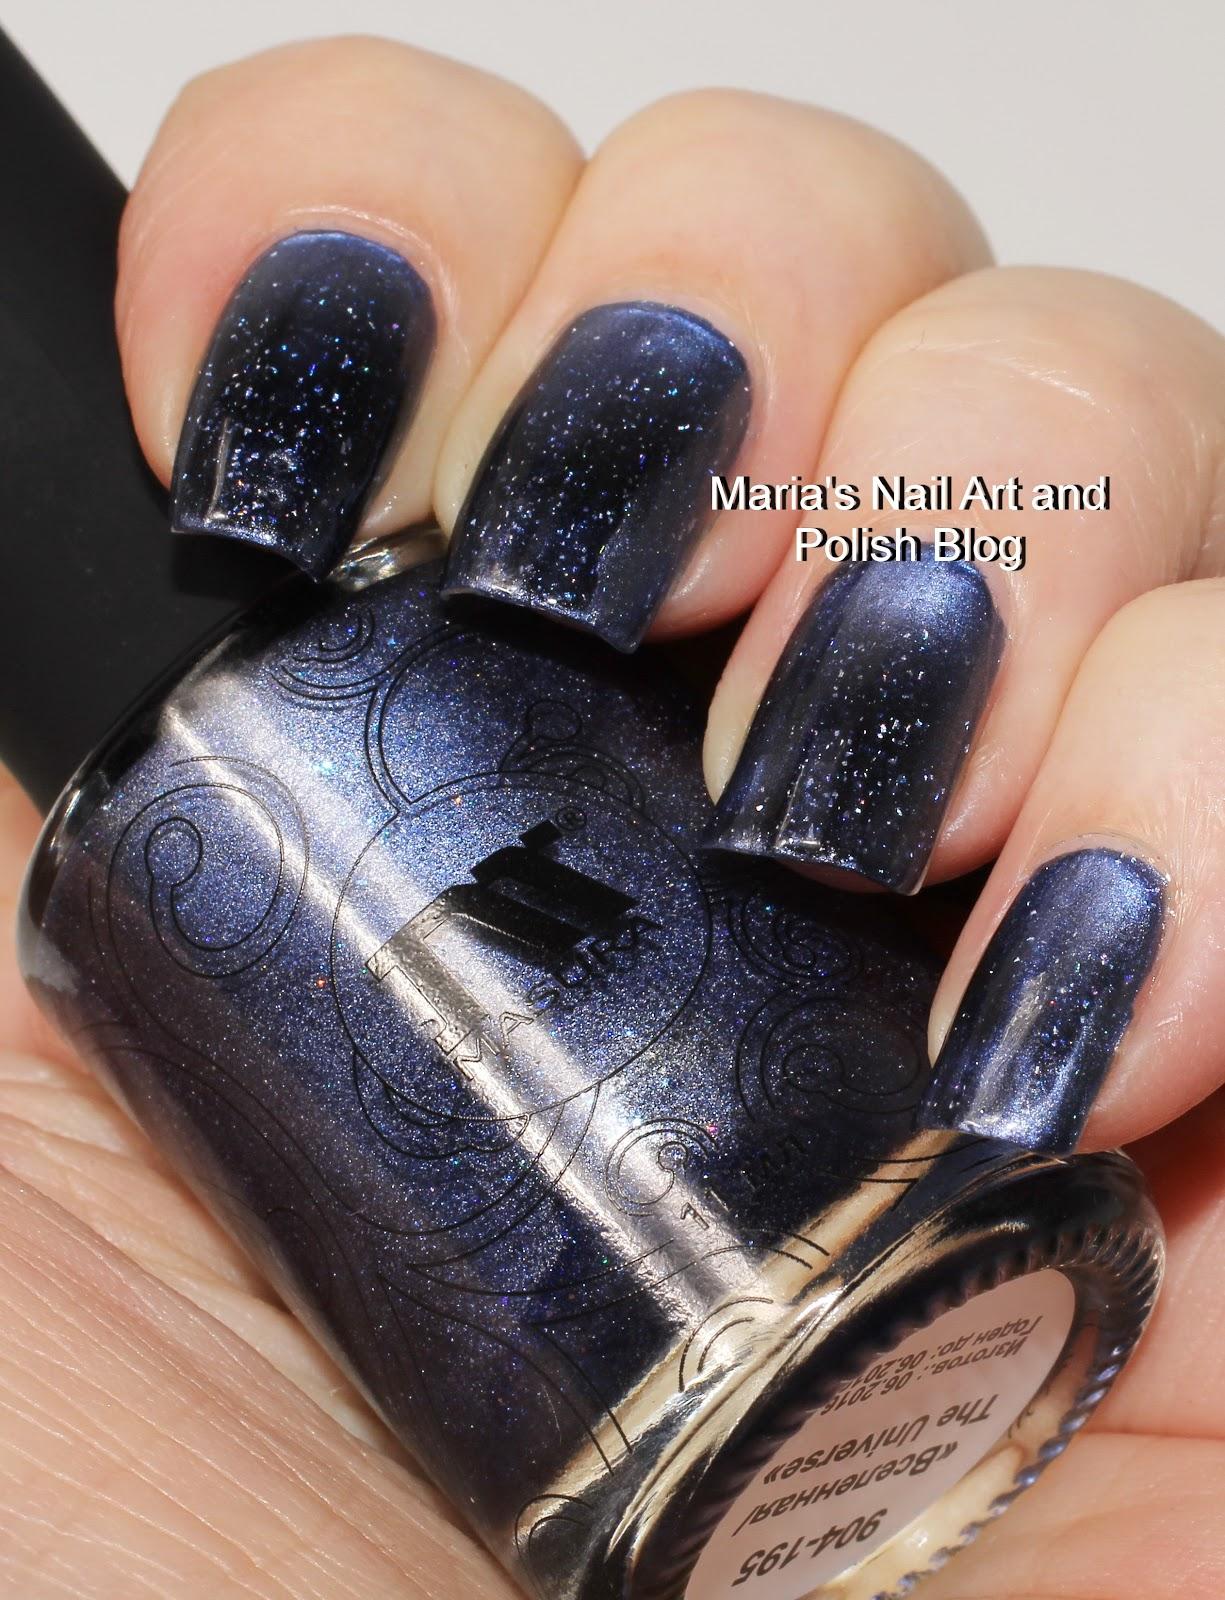 Marias Nail Art And Polish Blog Masura The Universe Swatches